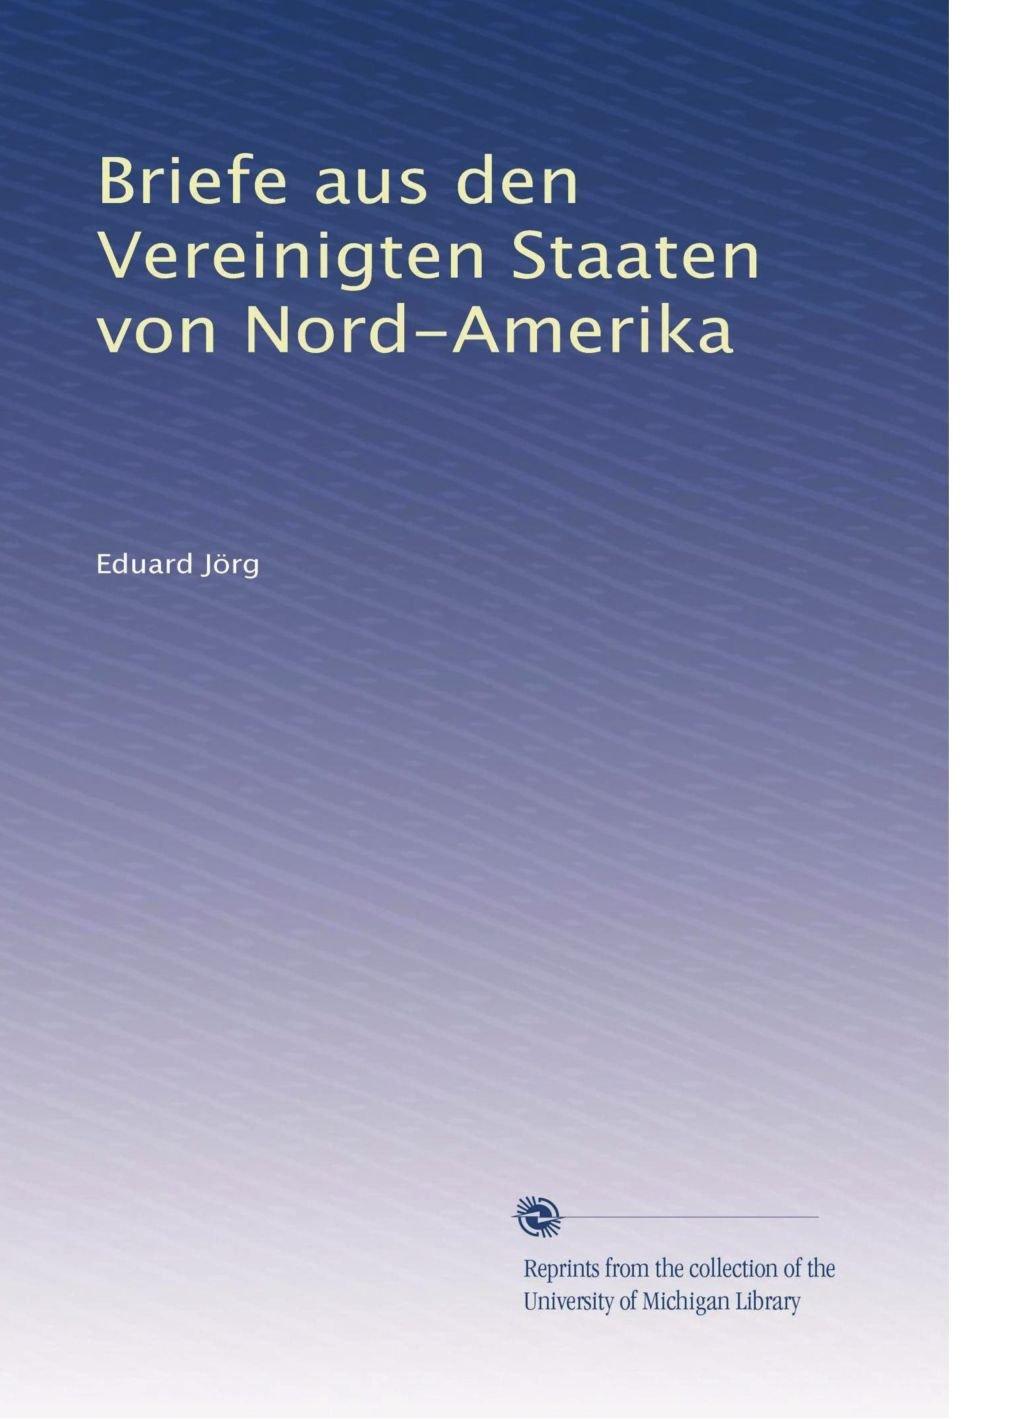 Briefe aus den Vereinigten Staaten von Nord-Amerika (German Edition) PDF